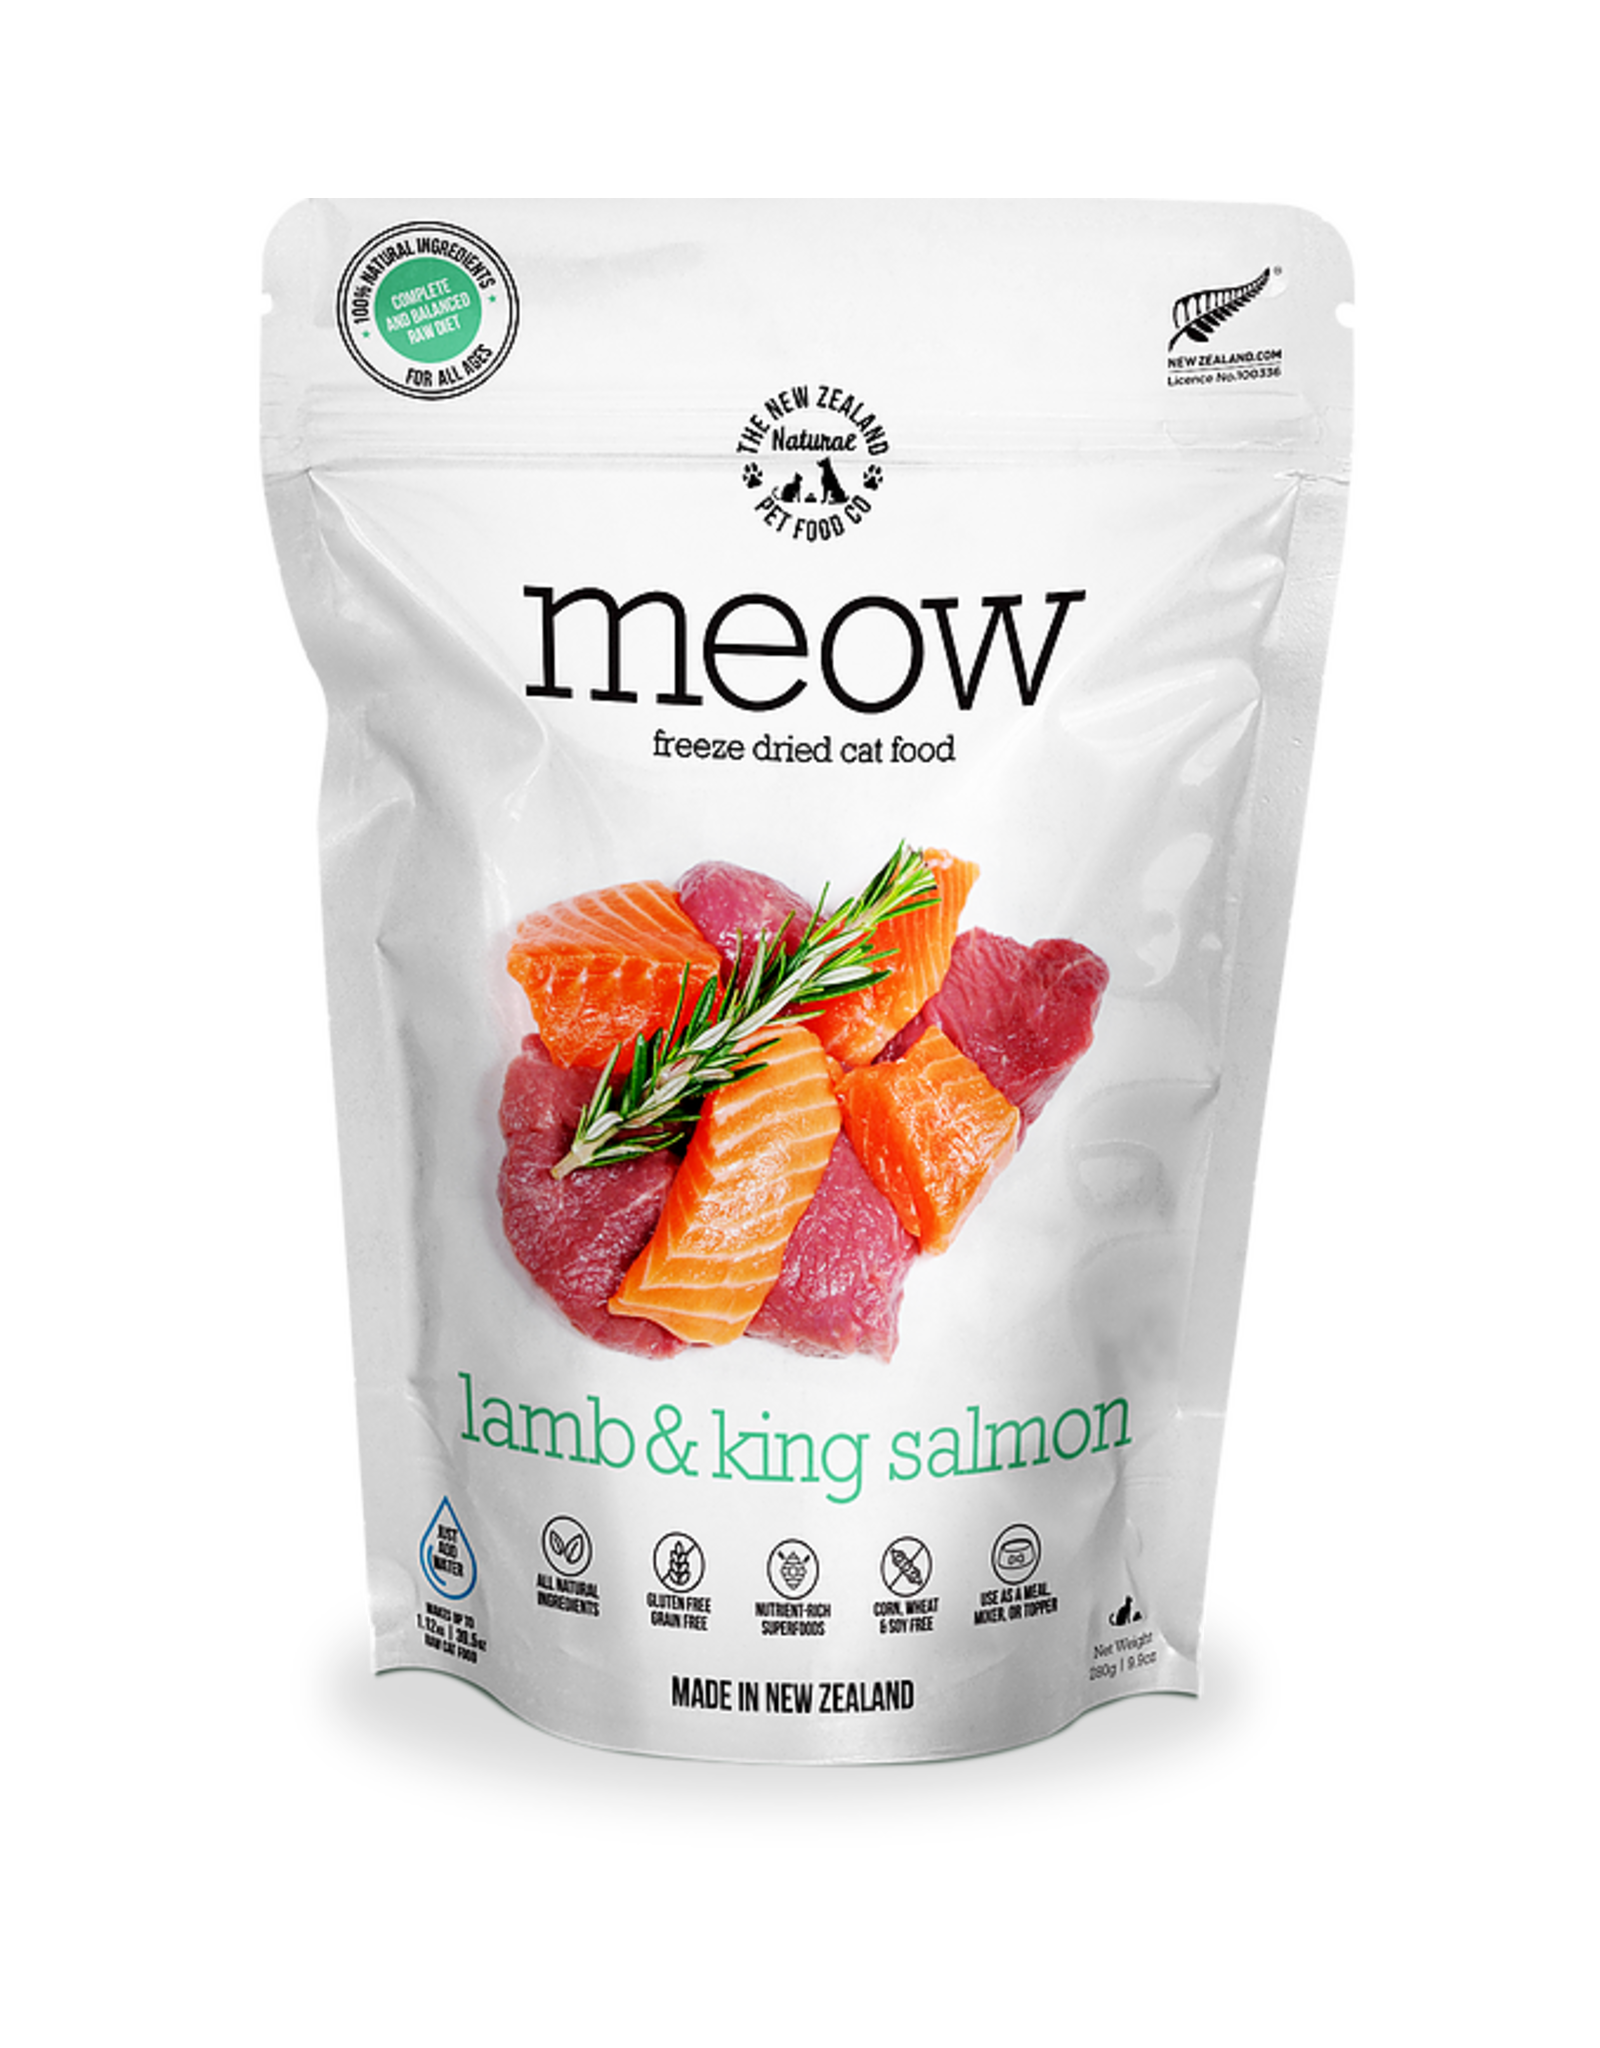 New Zealand Pet Food Co. NewZealand PetFoodCo - MEOW Lamb & Salmon 280g